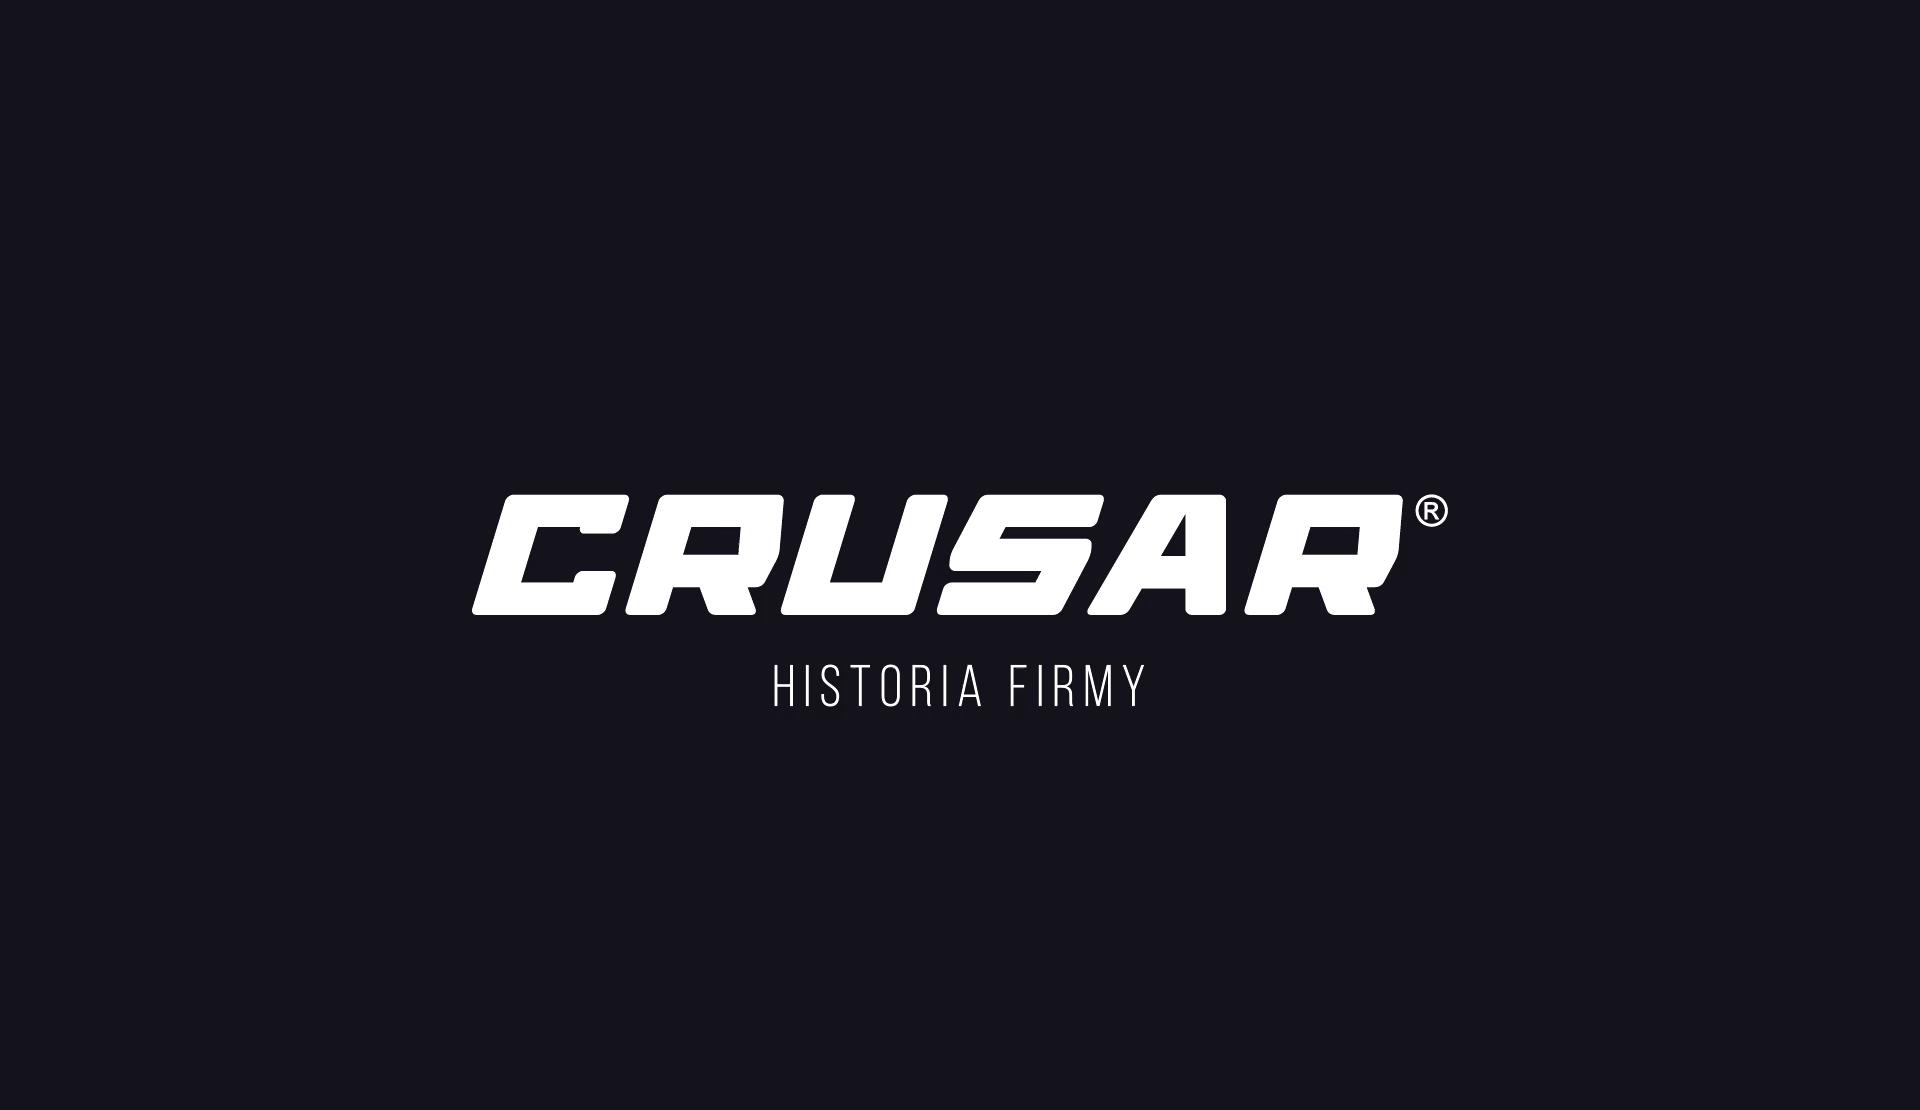 Crusar slide